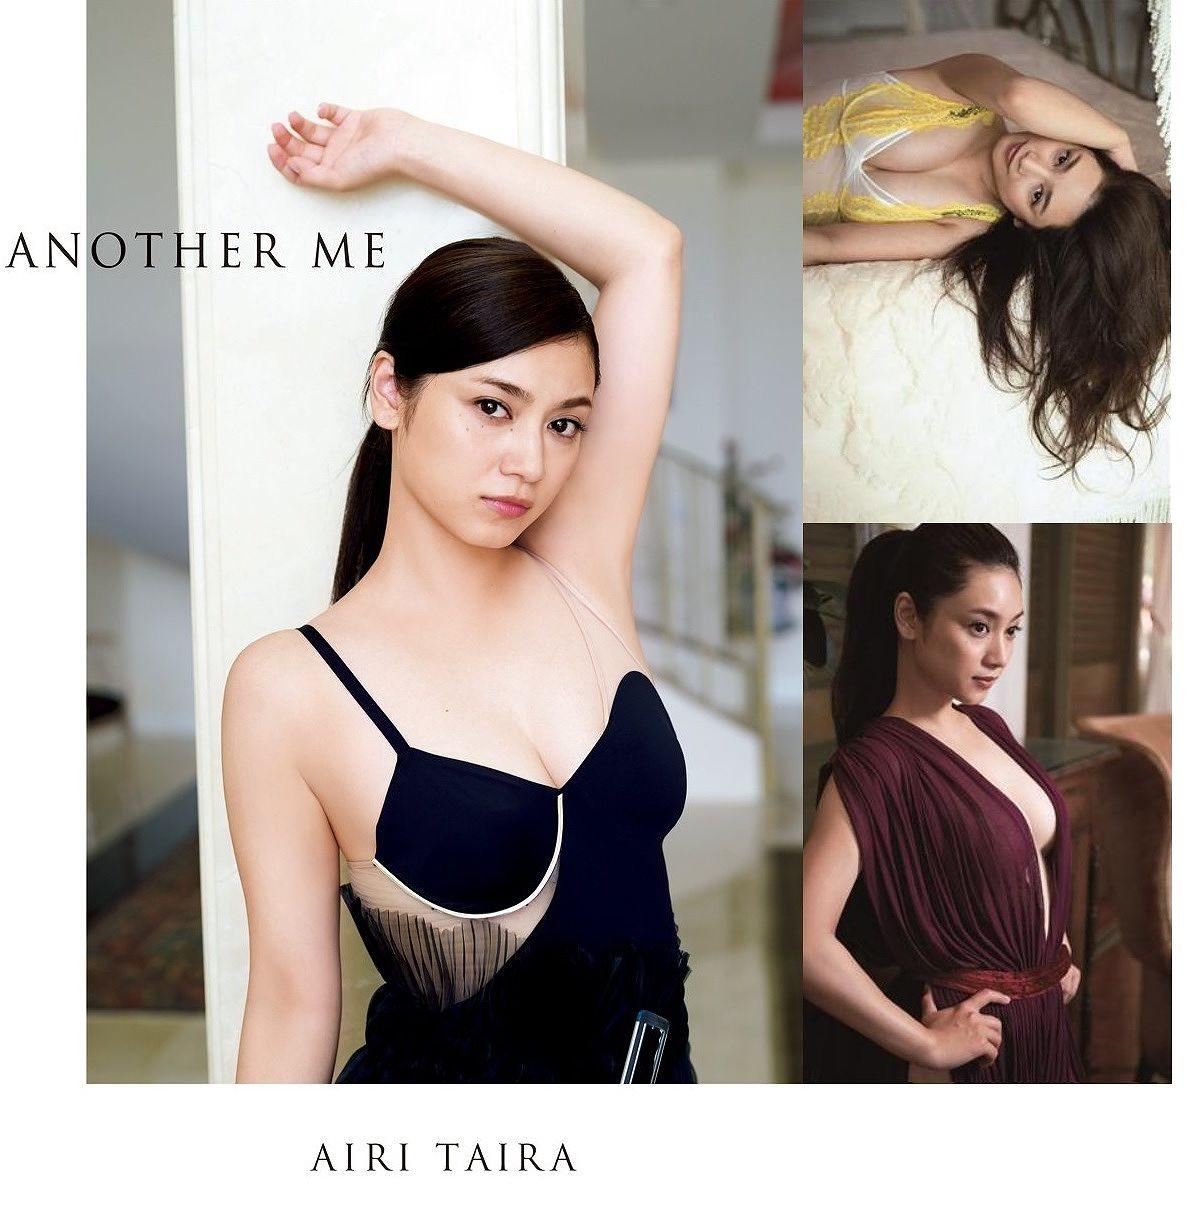 平愛梨の写真集「ANOTHER ME」画像(ノーブラでセクシーなドレスを着た平愛梨)